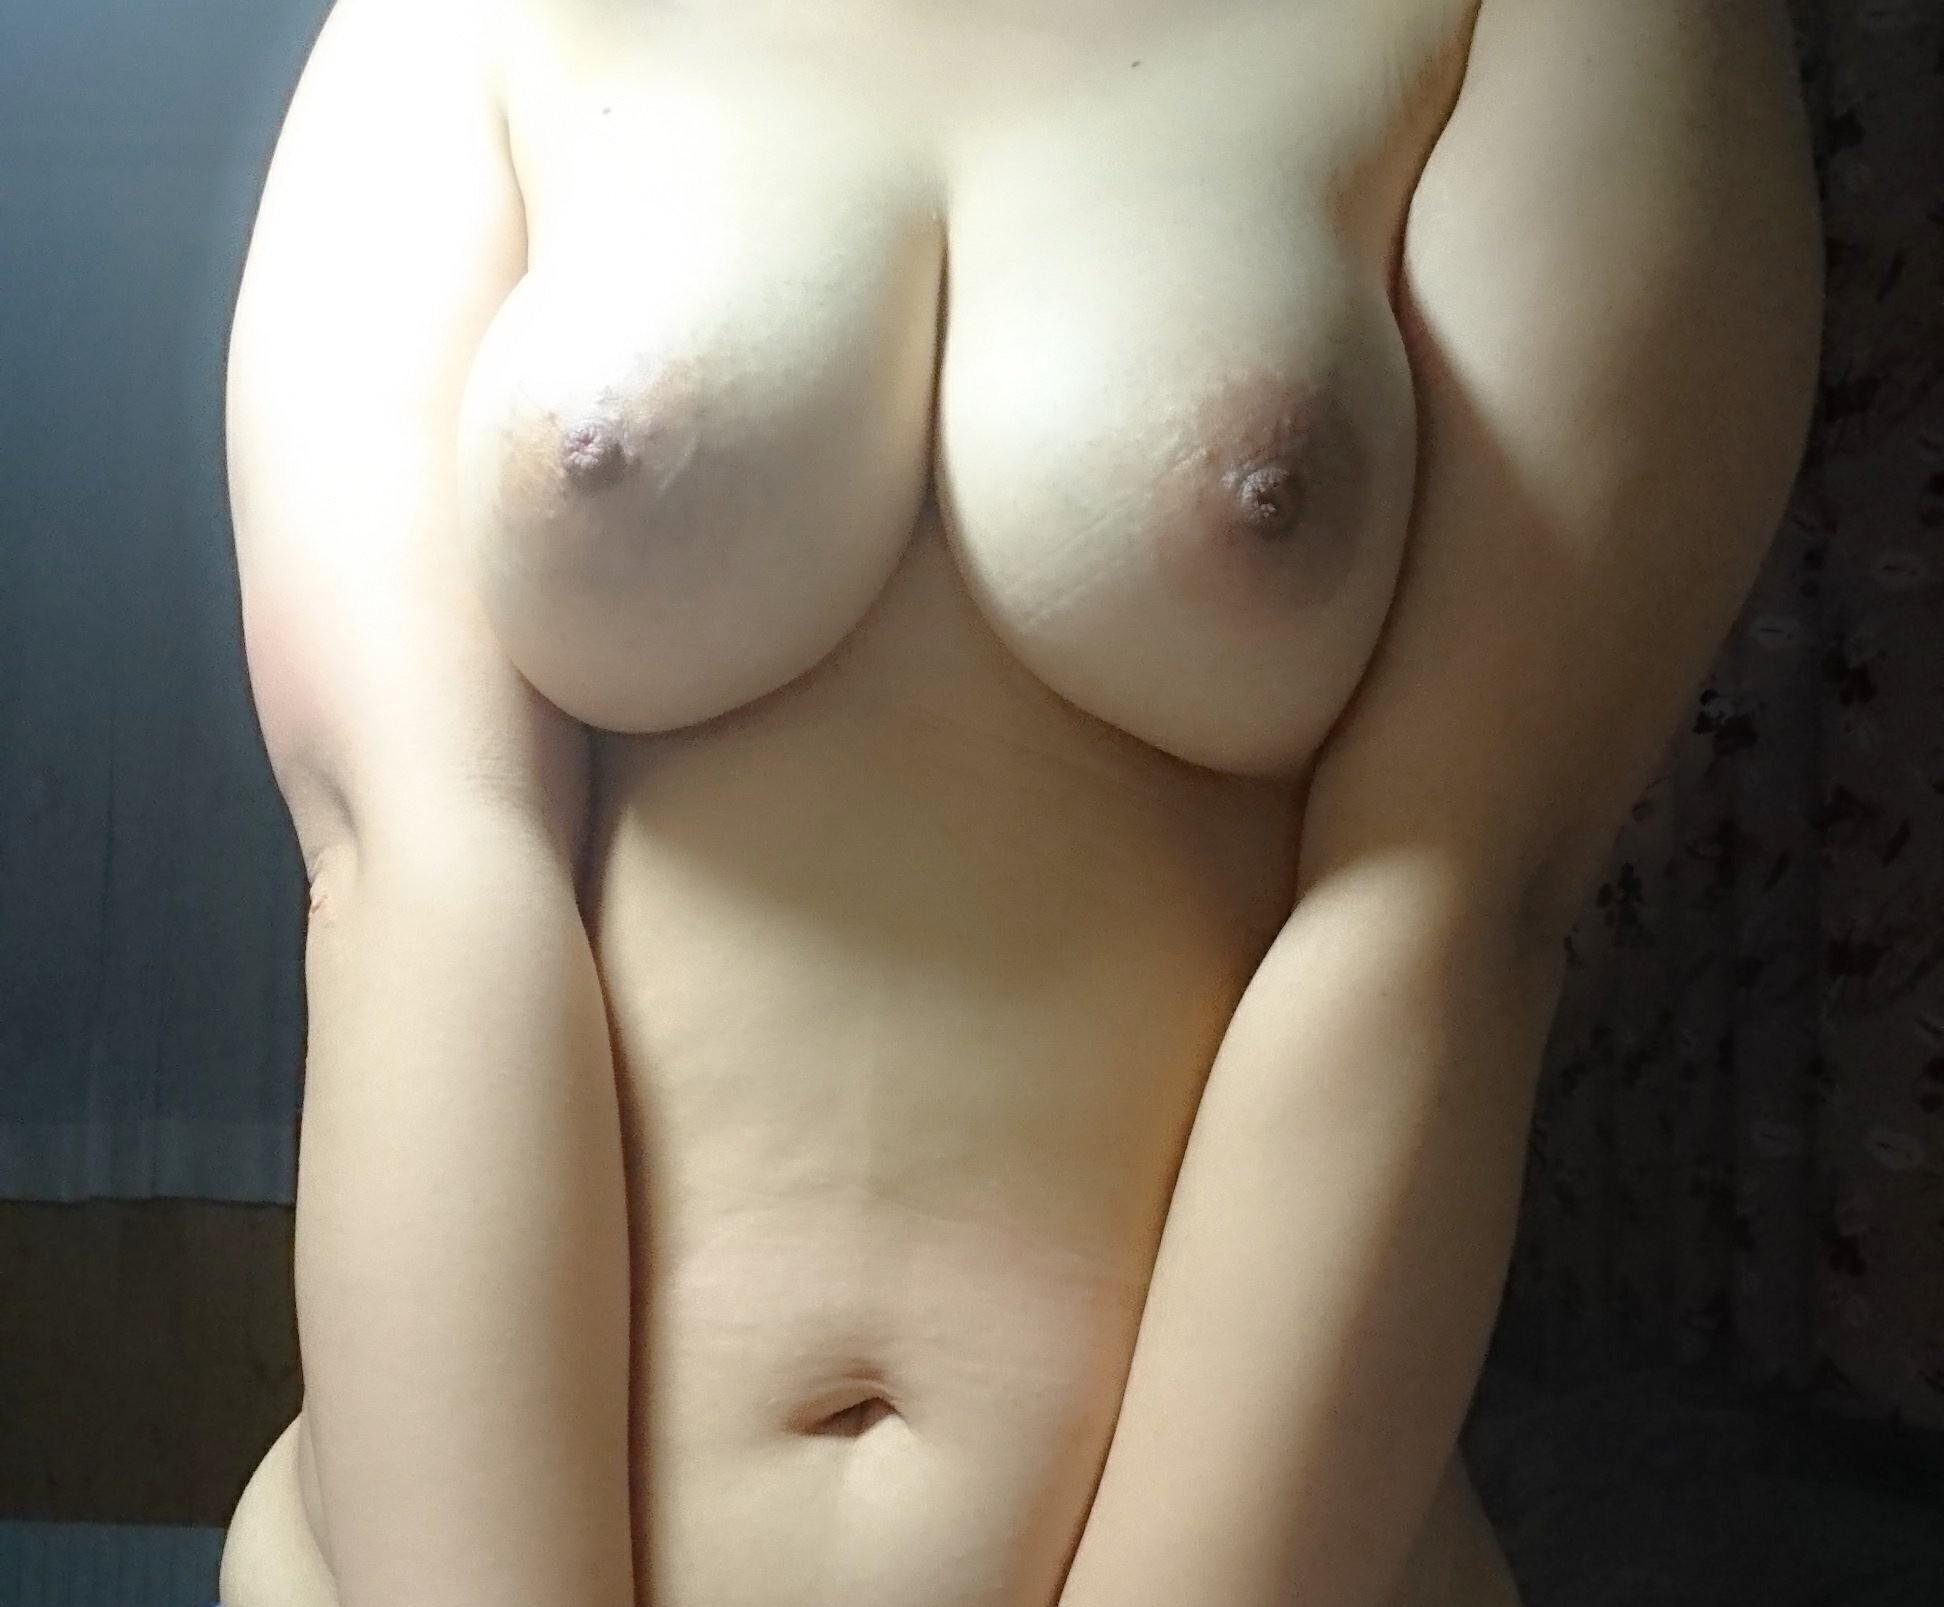 【自撮りエロ画像】触れるかどうかは自分次第な女神たちの自撮り乳!(;´Д`)